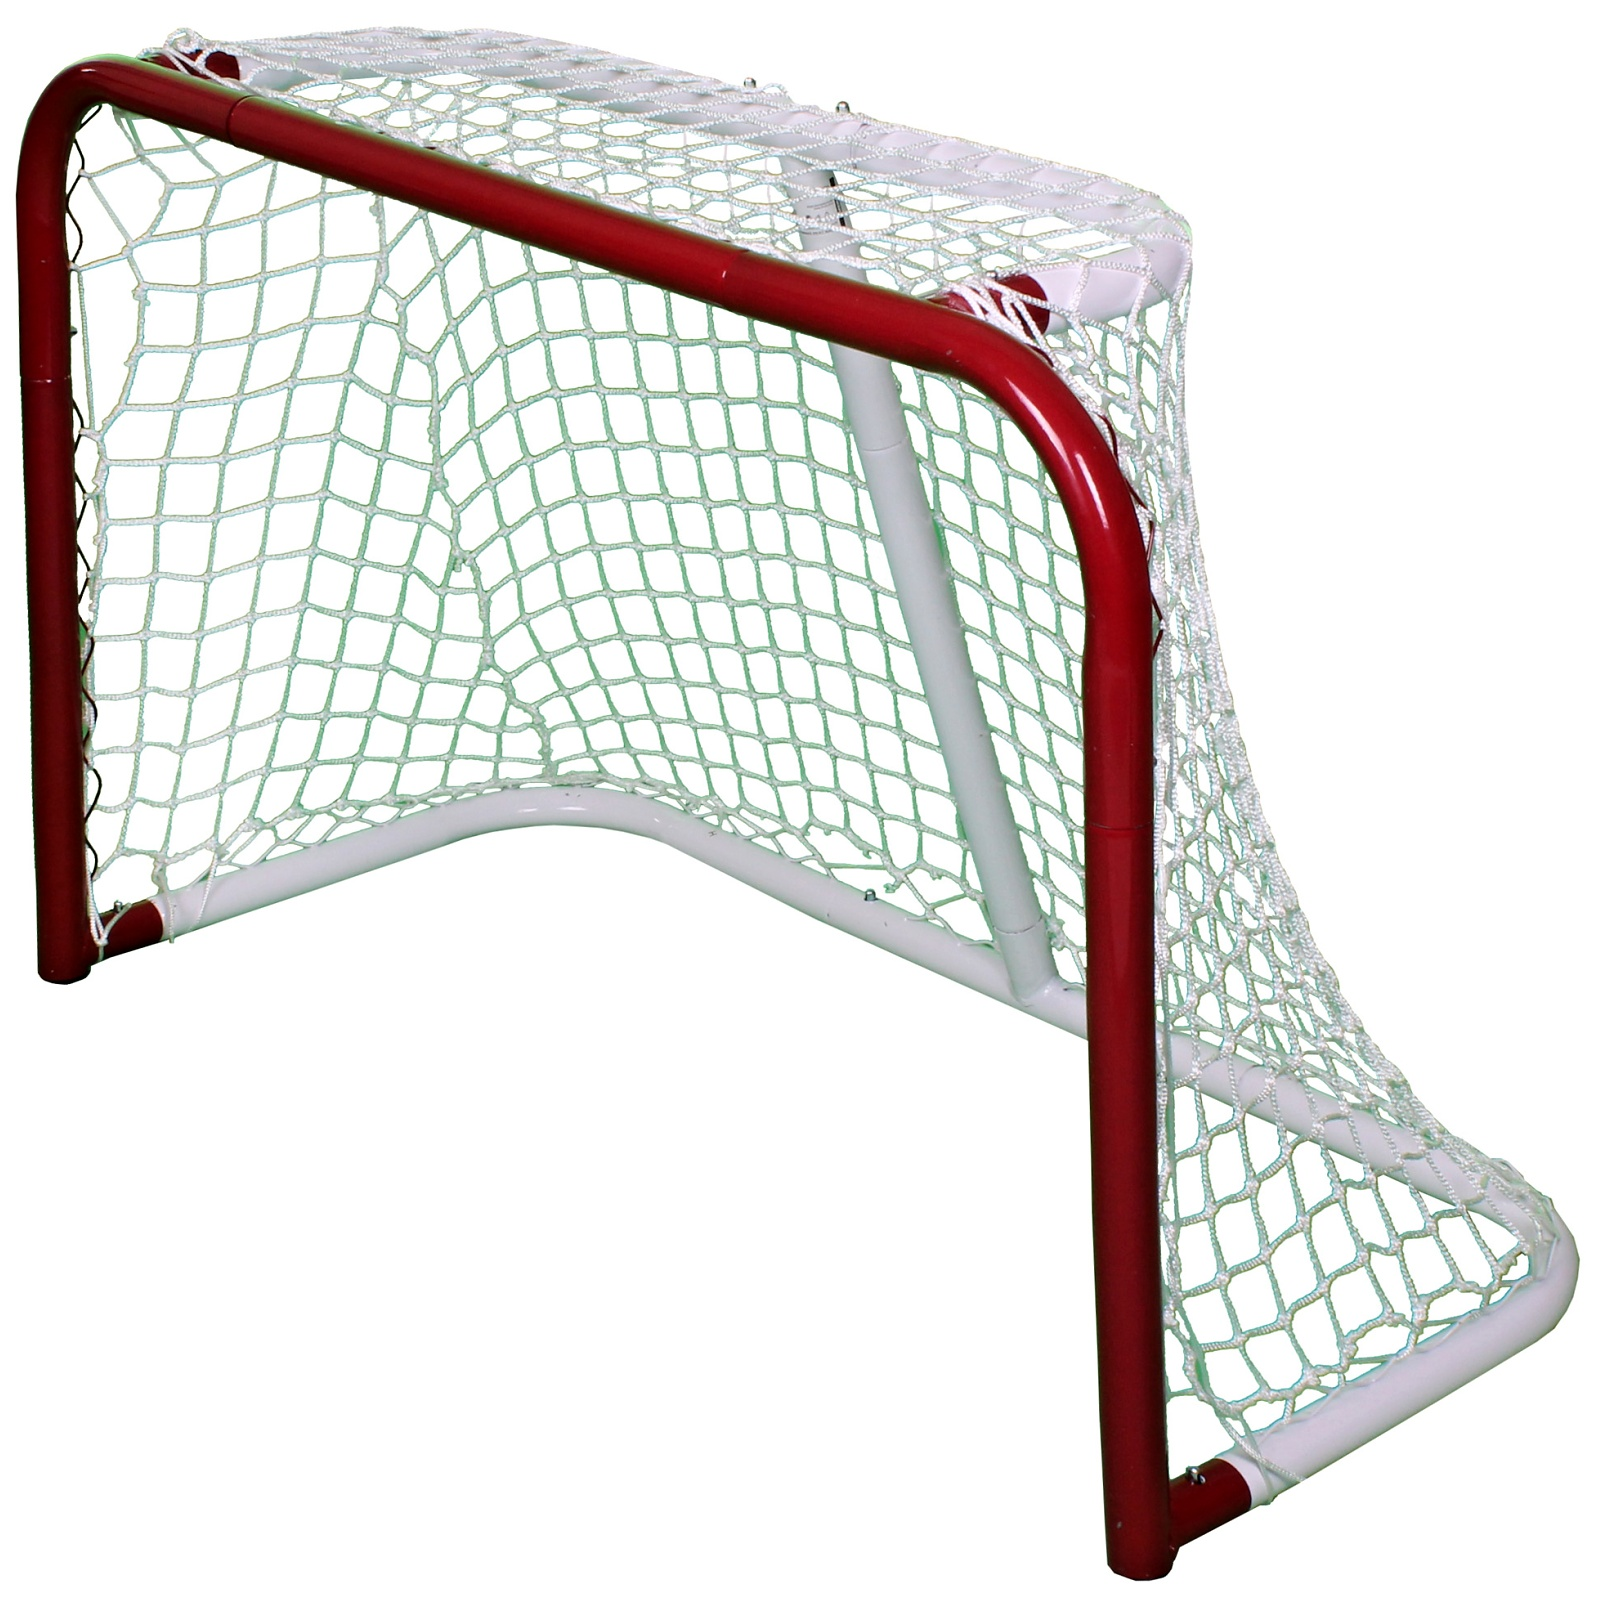 Skládací hokejová branka Small Goal, včetně sítě